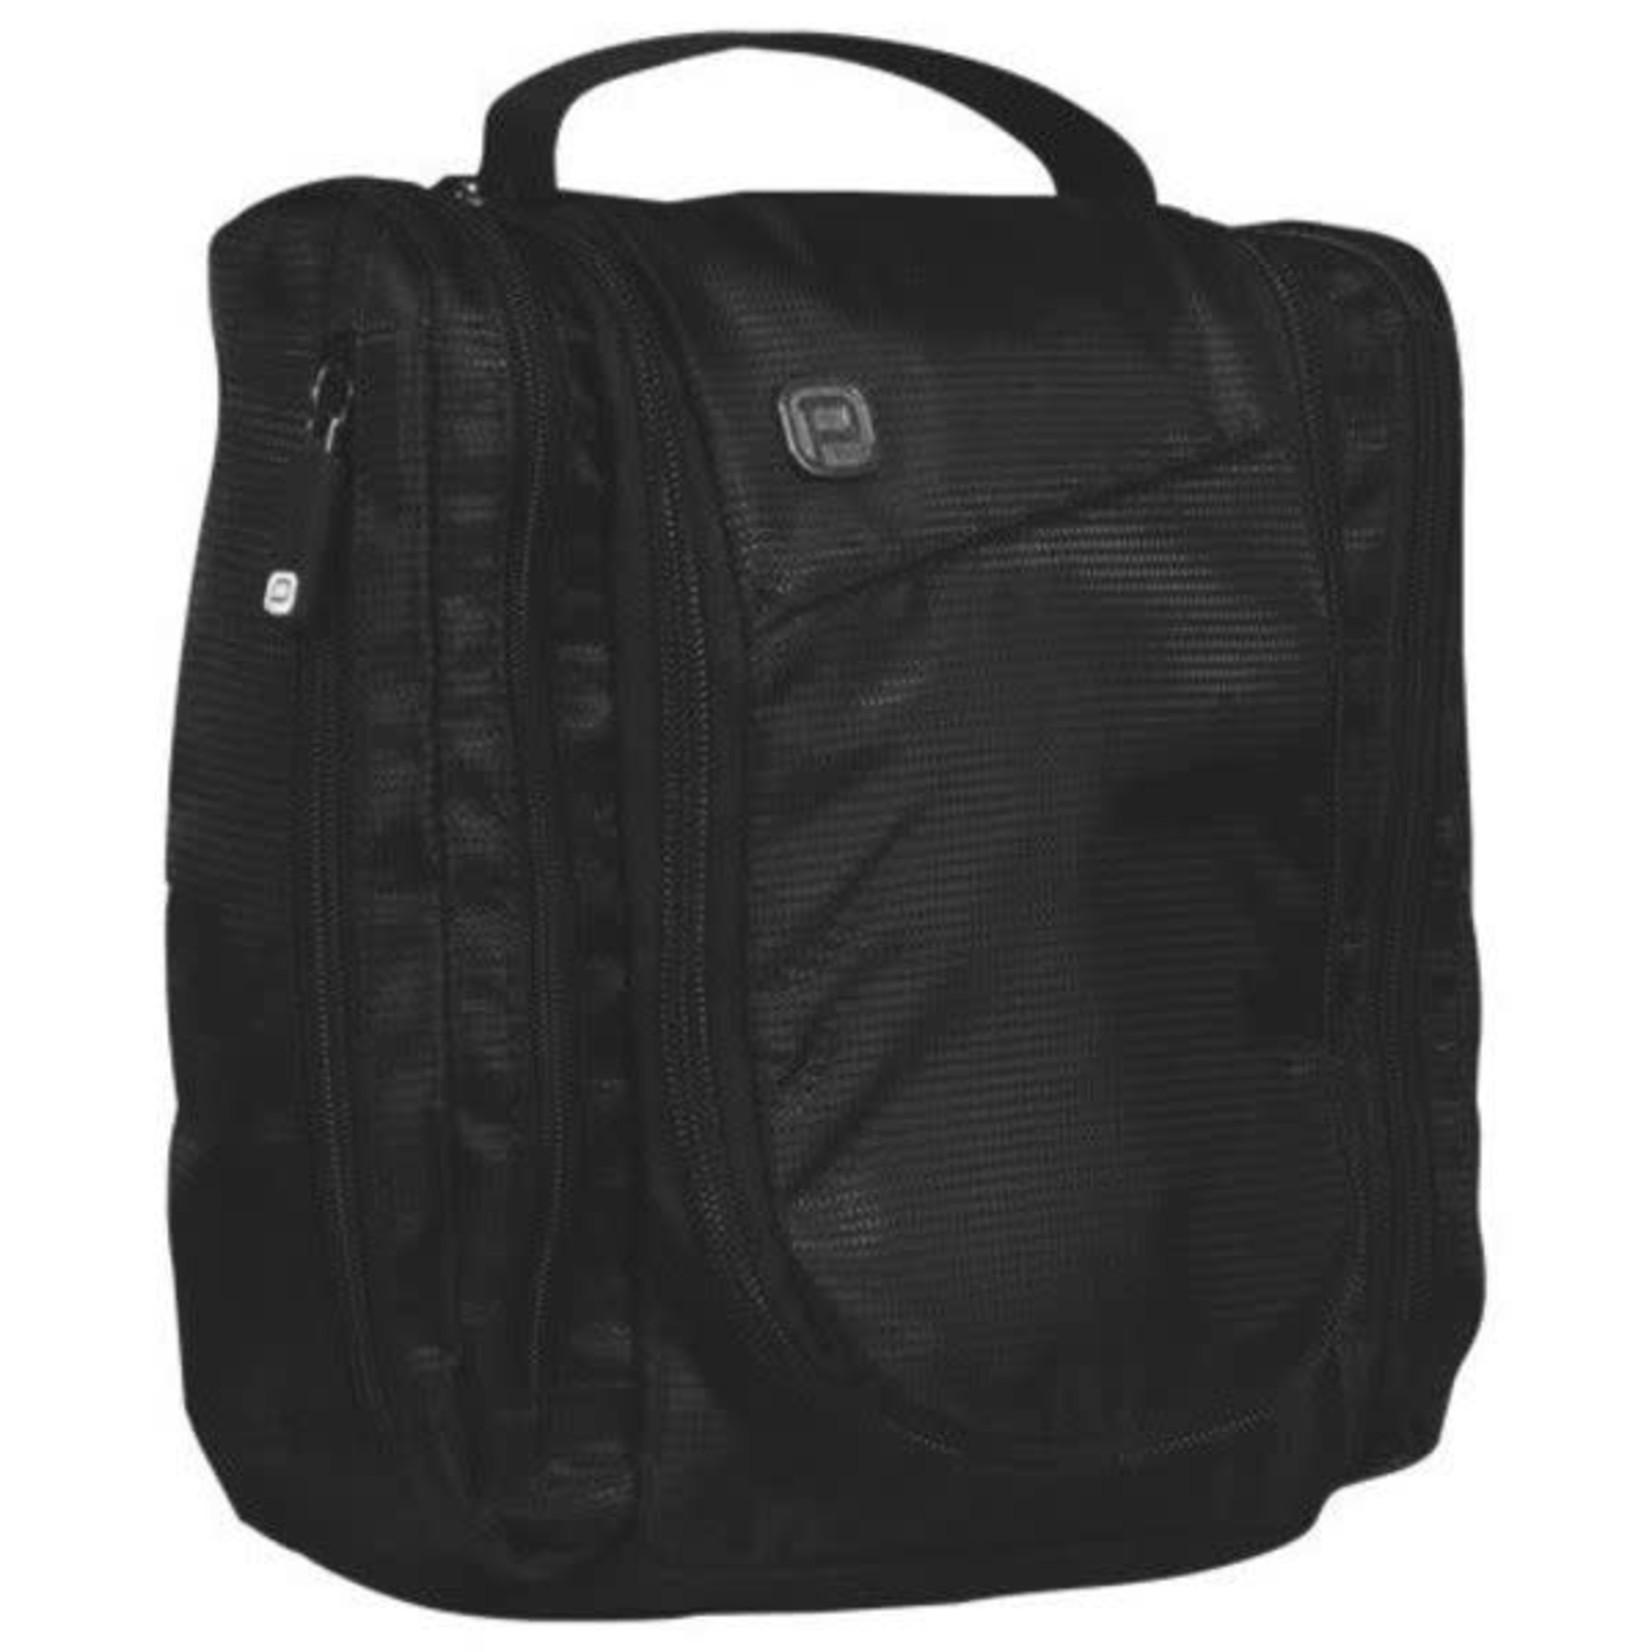 Projekt Loo Bag 2.0